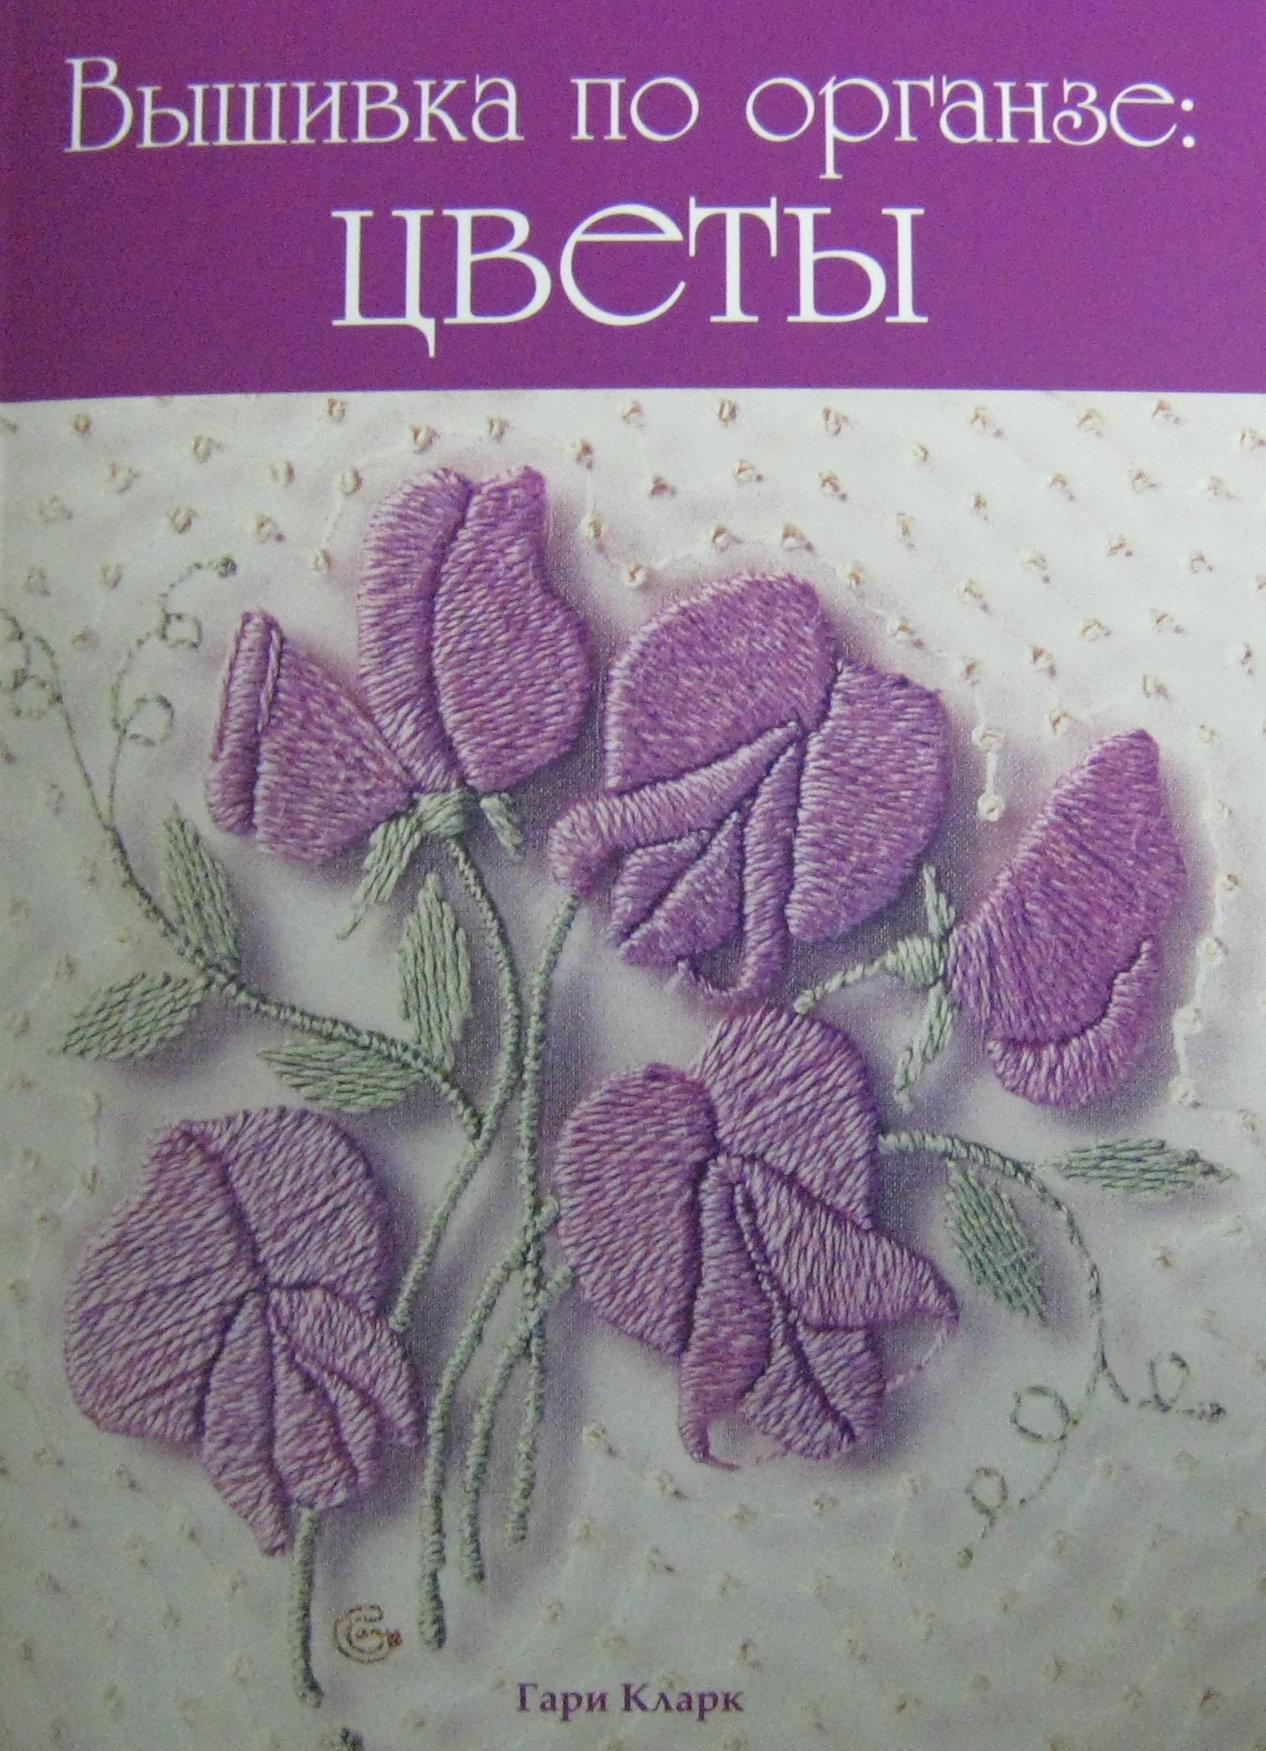 Вышивка по органзе: <i>дубровская</i> Цветы